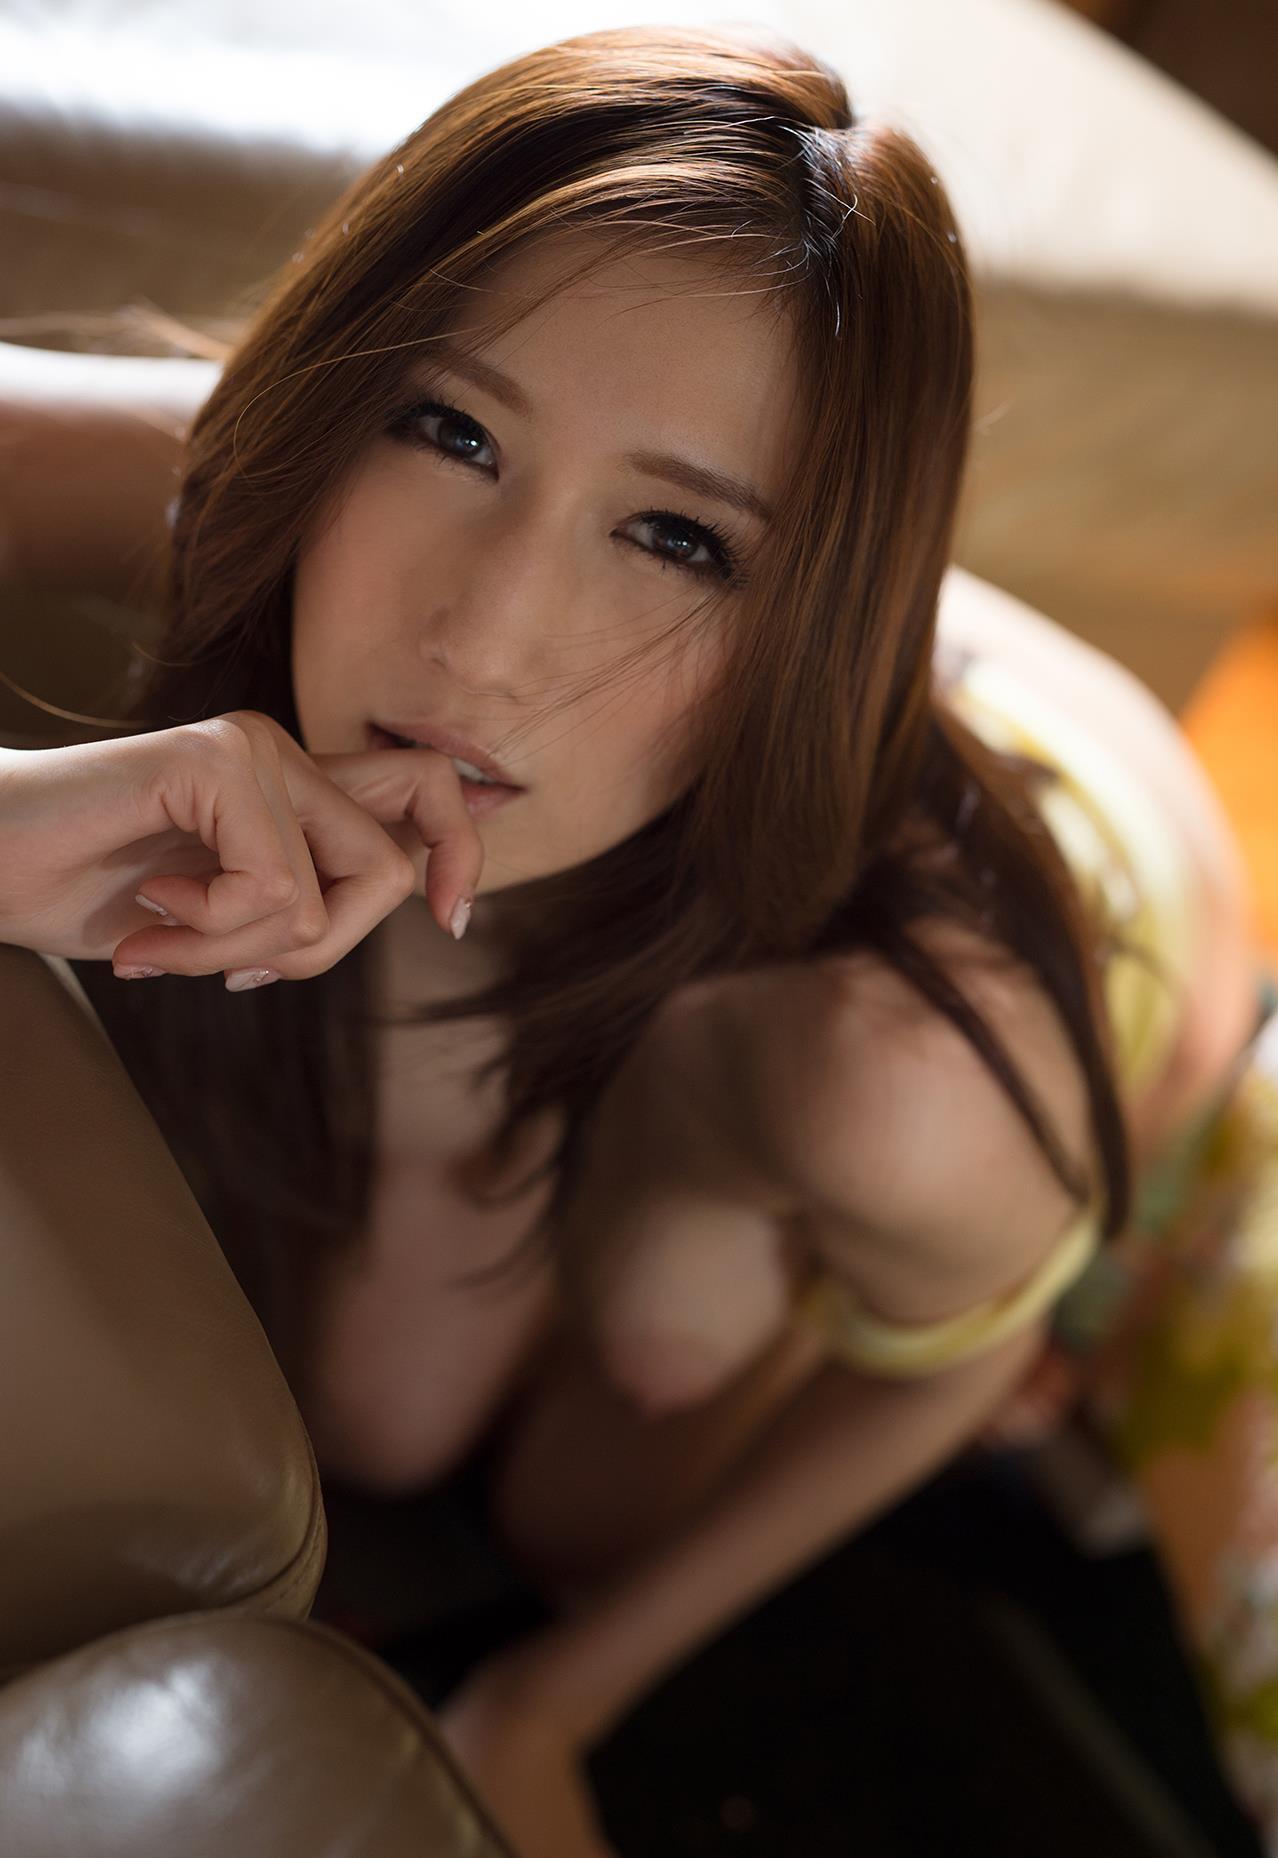 AV女優・JULIA(ジュリア) エロ画像 114